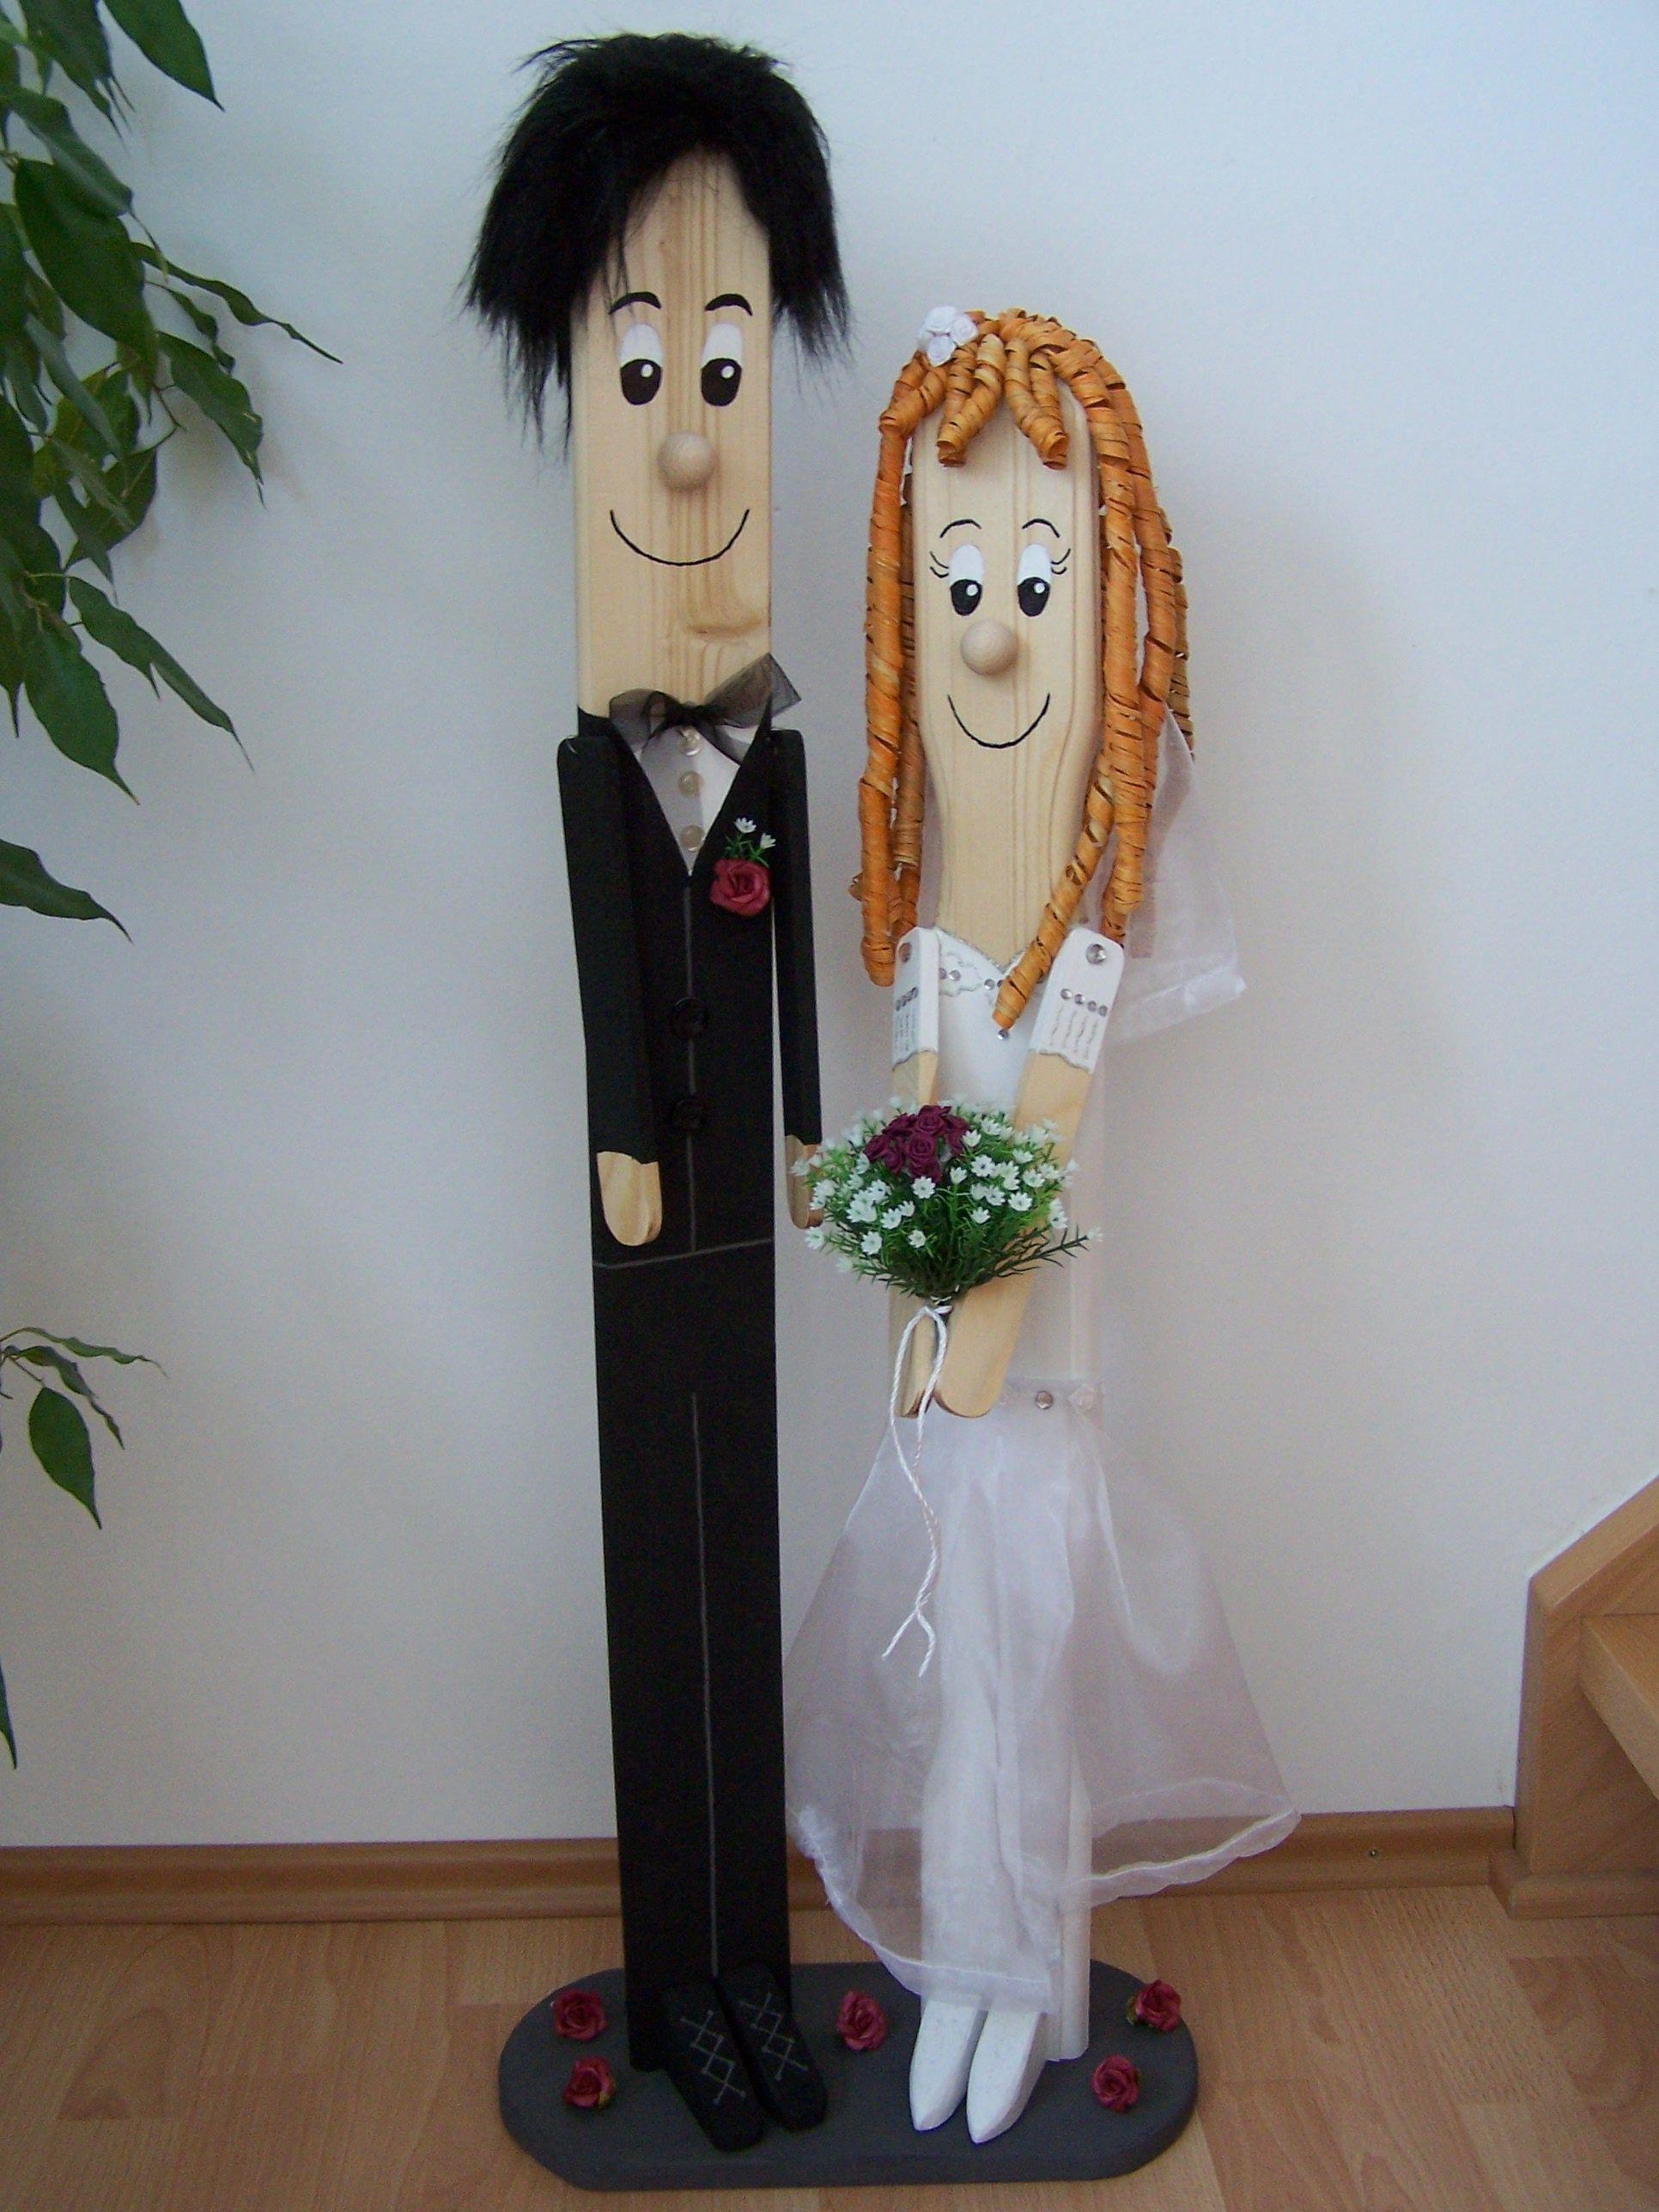 ZaunlattenBrautpaar  creadoocom  basteln  Brautpaar